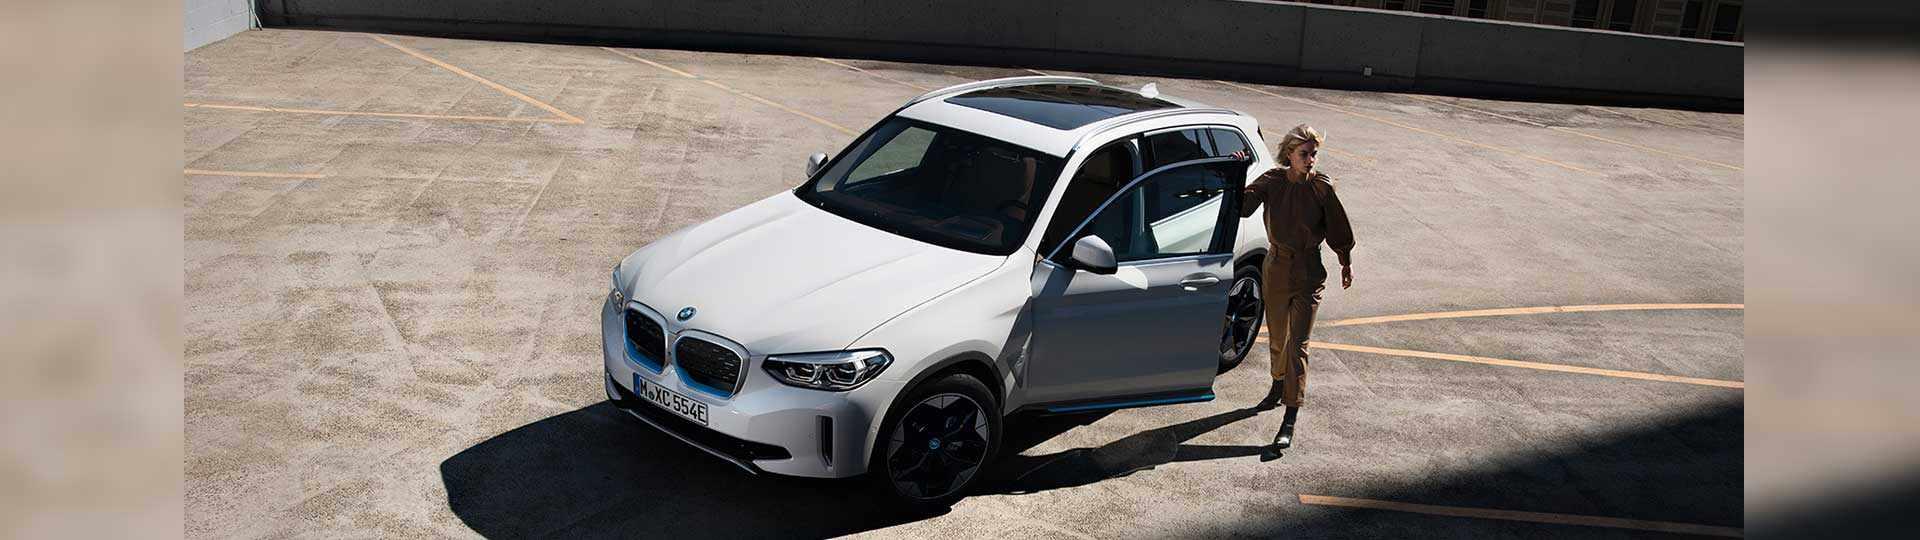 BMW-iX3-min.jpg